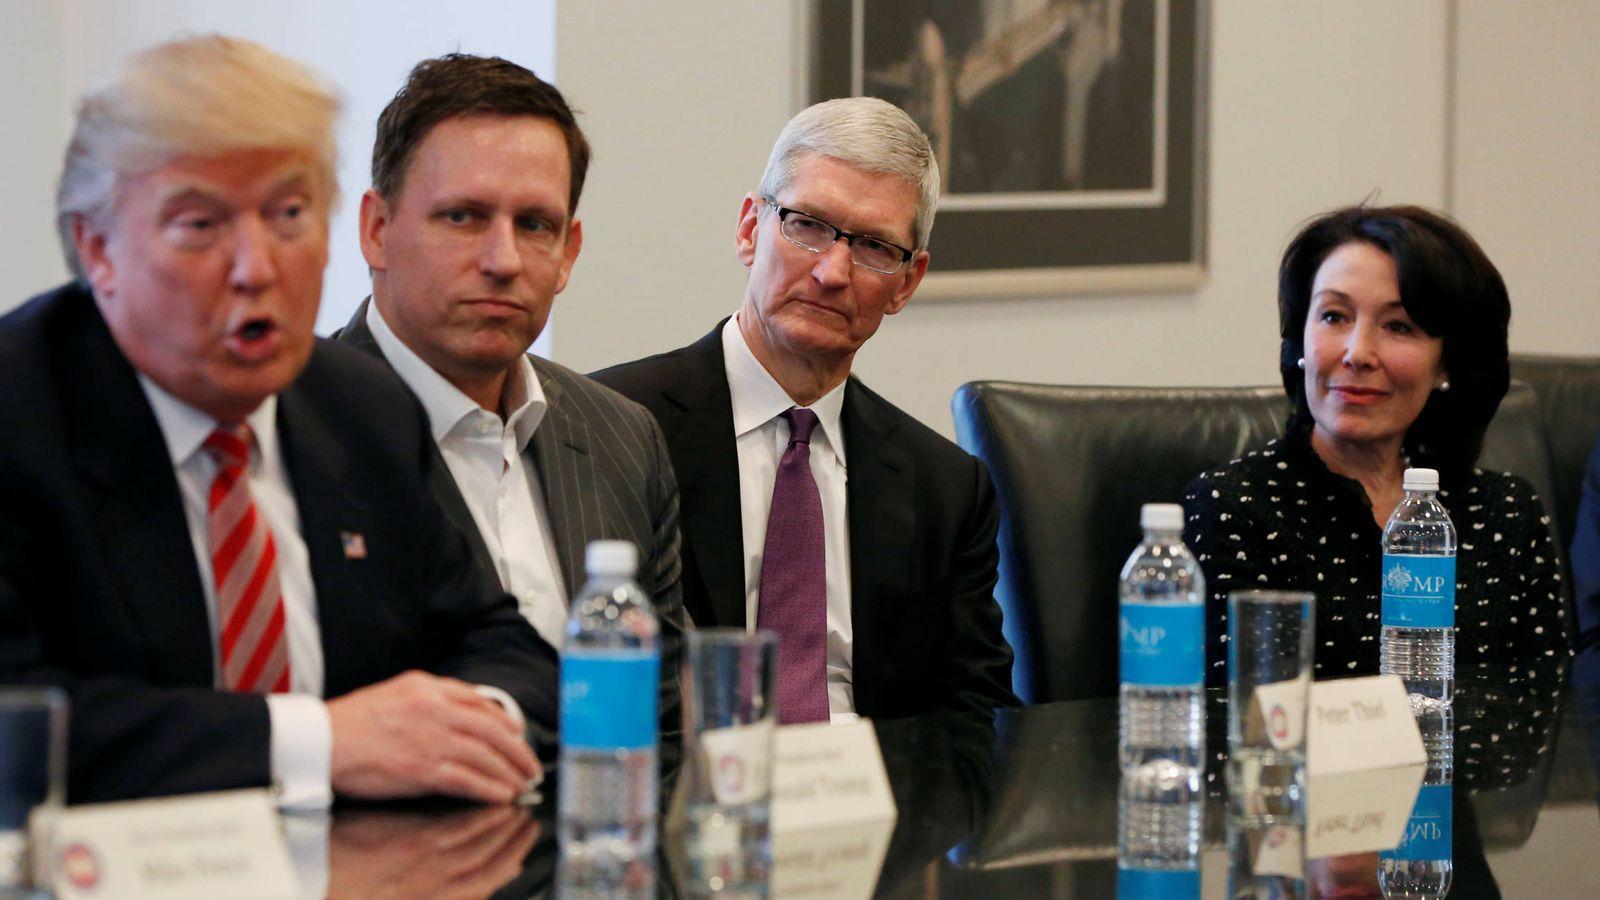 Foto: Tim Cook, CEO de Apple, en una reunión con Donald Trump pocos días después de que el presidente hubiera ganado las elecciones. (Reuters)